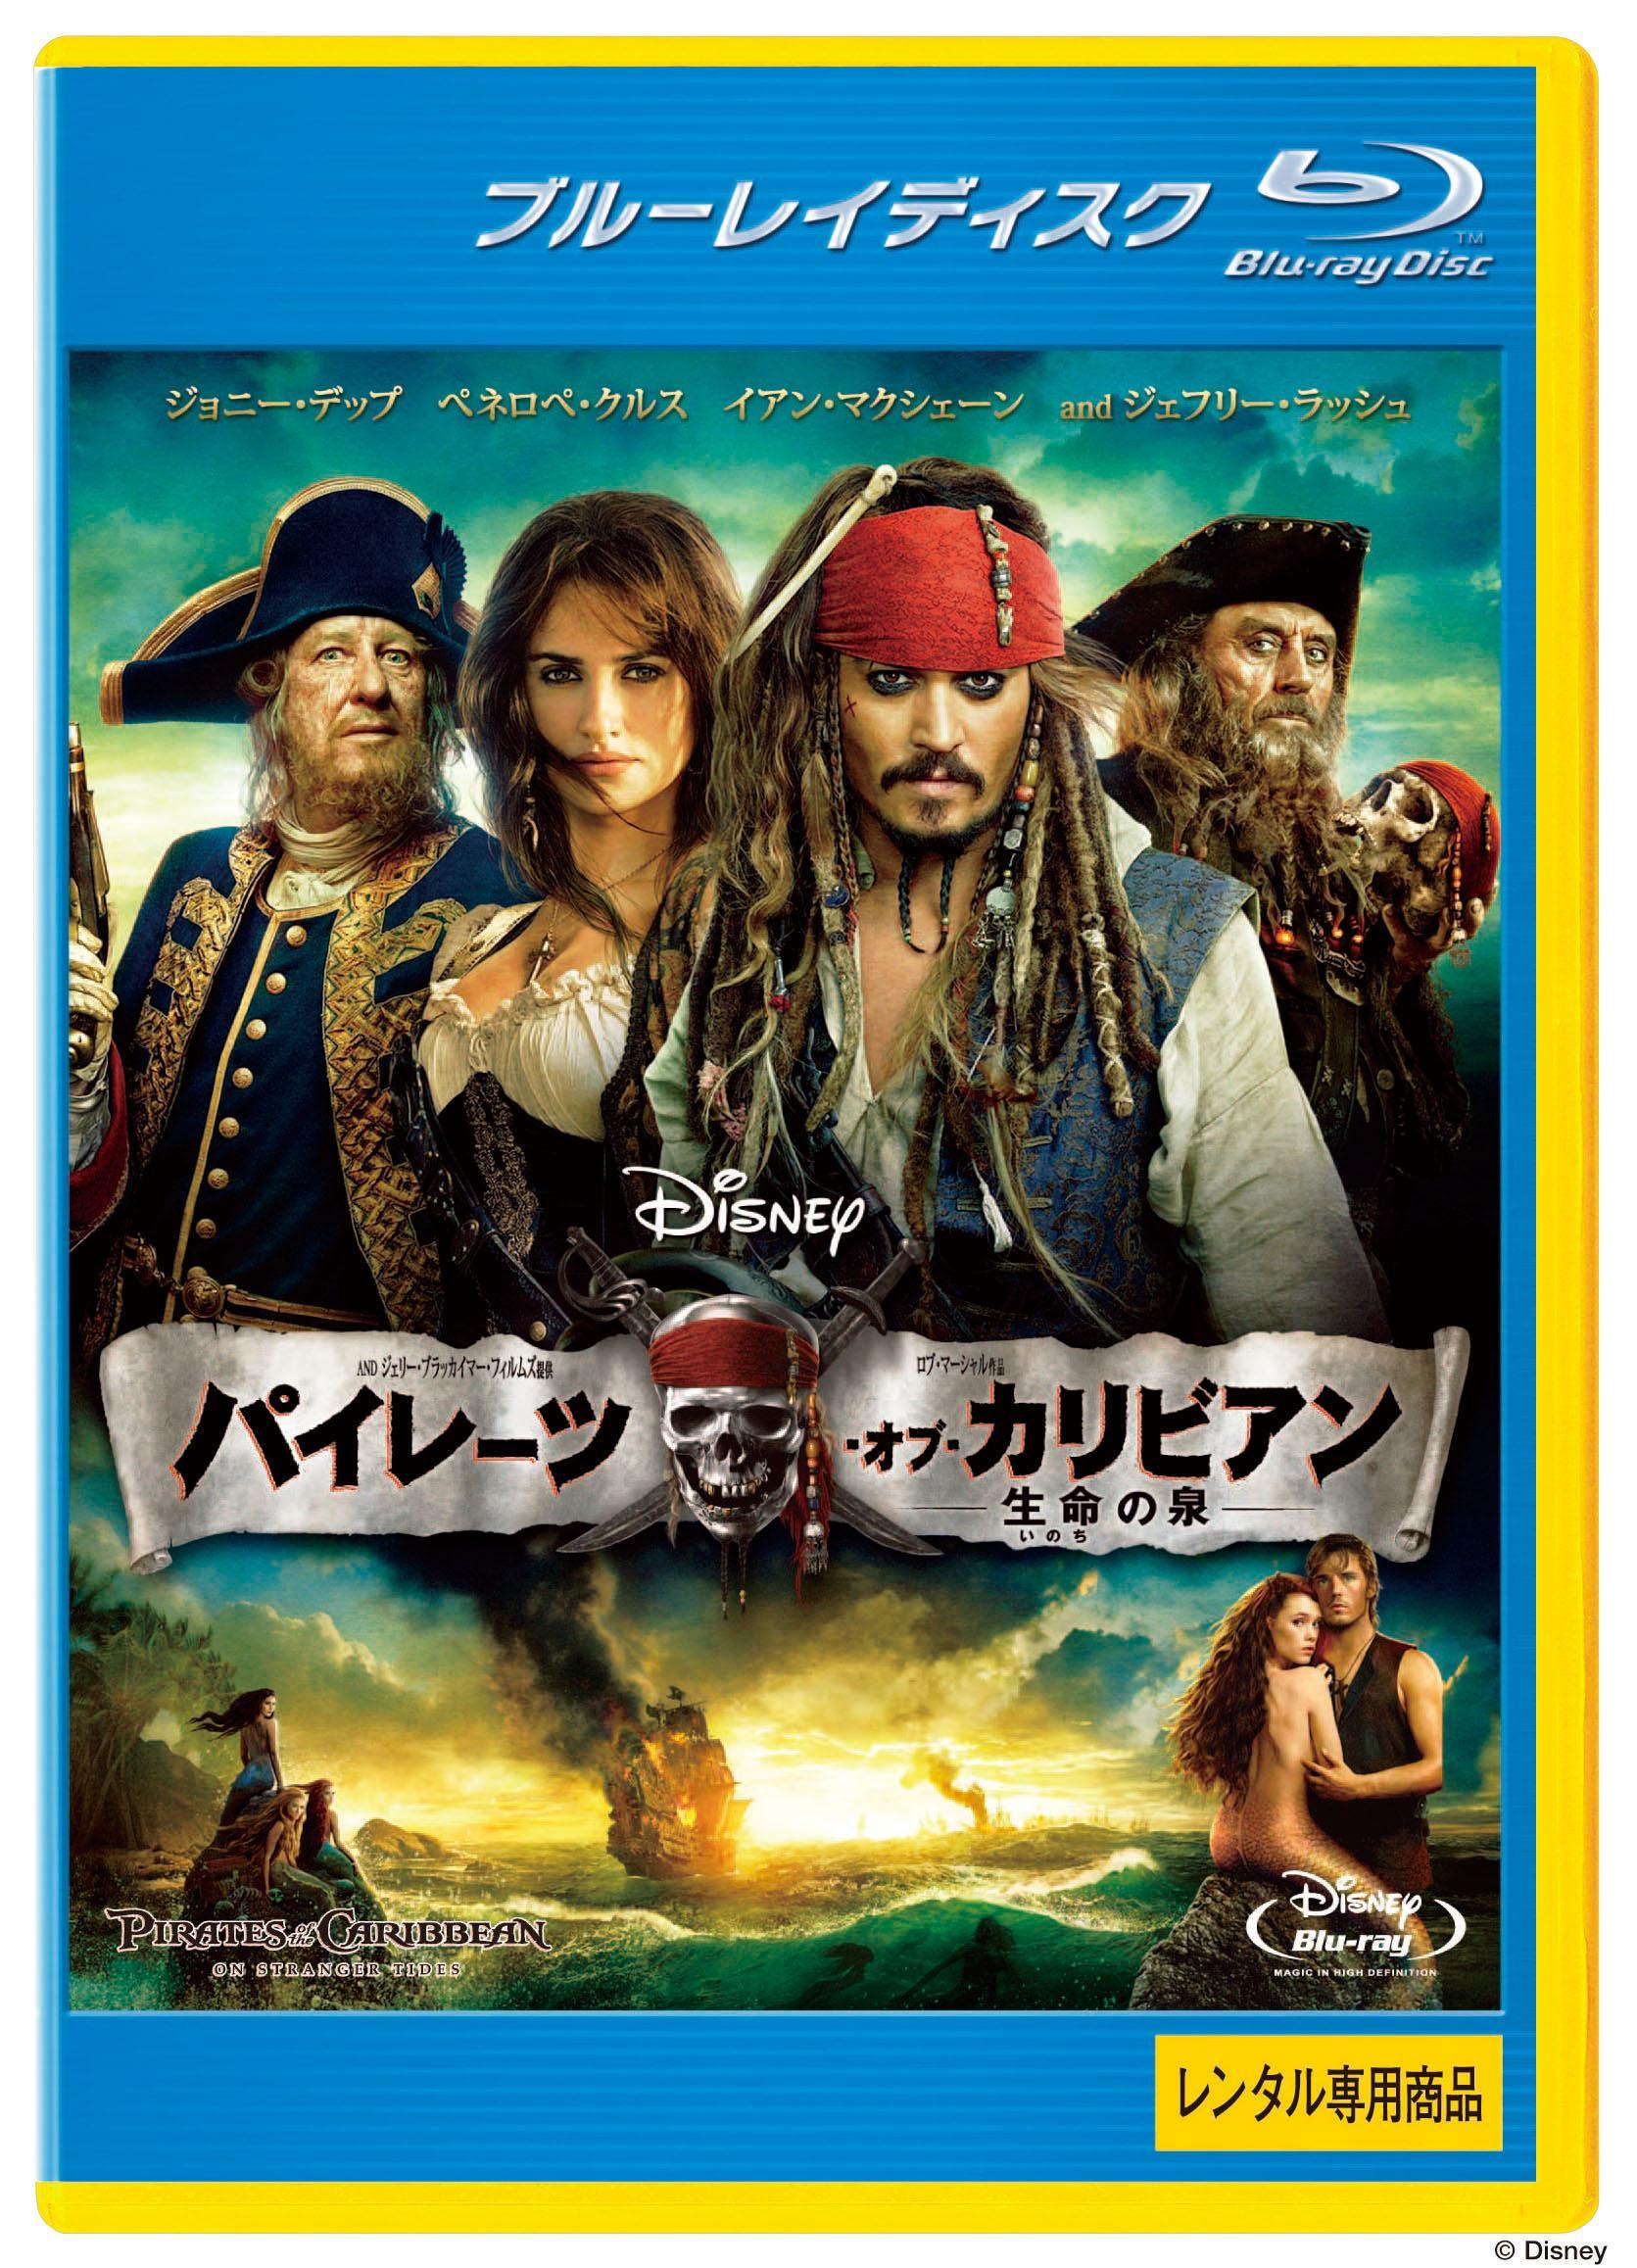 【Blu-ray】パイレーツ・オブ・カリビアン 生命(いのち)の泉(ブルーレイ)